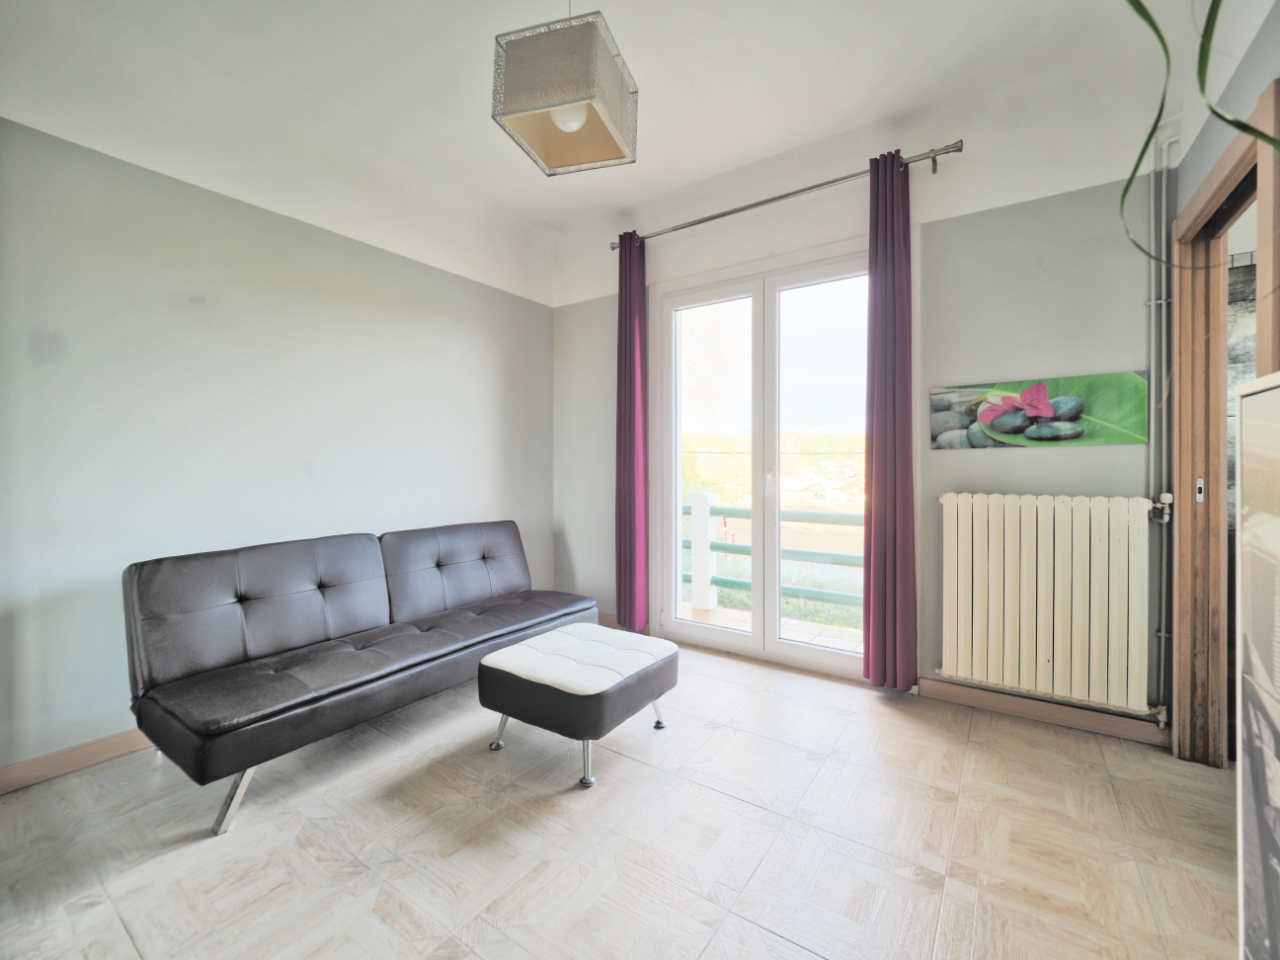 Vente appartement T4  à URRUGNE - 4